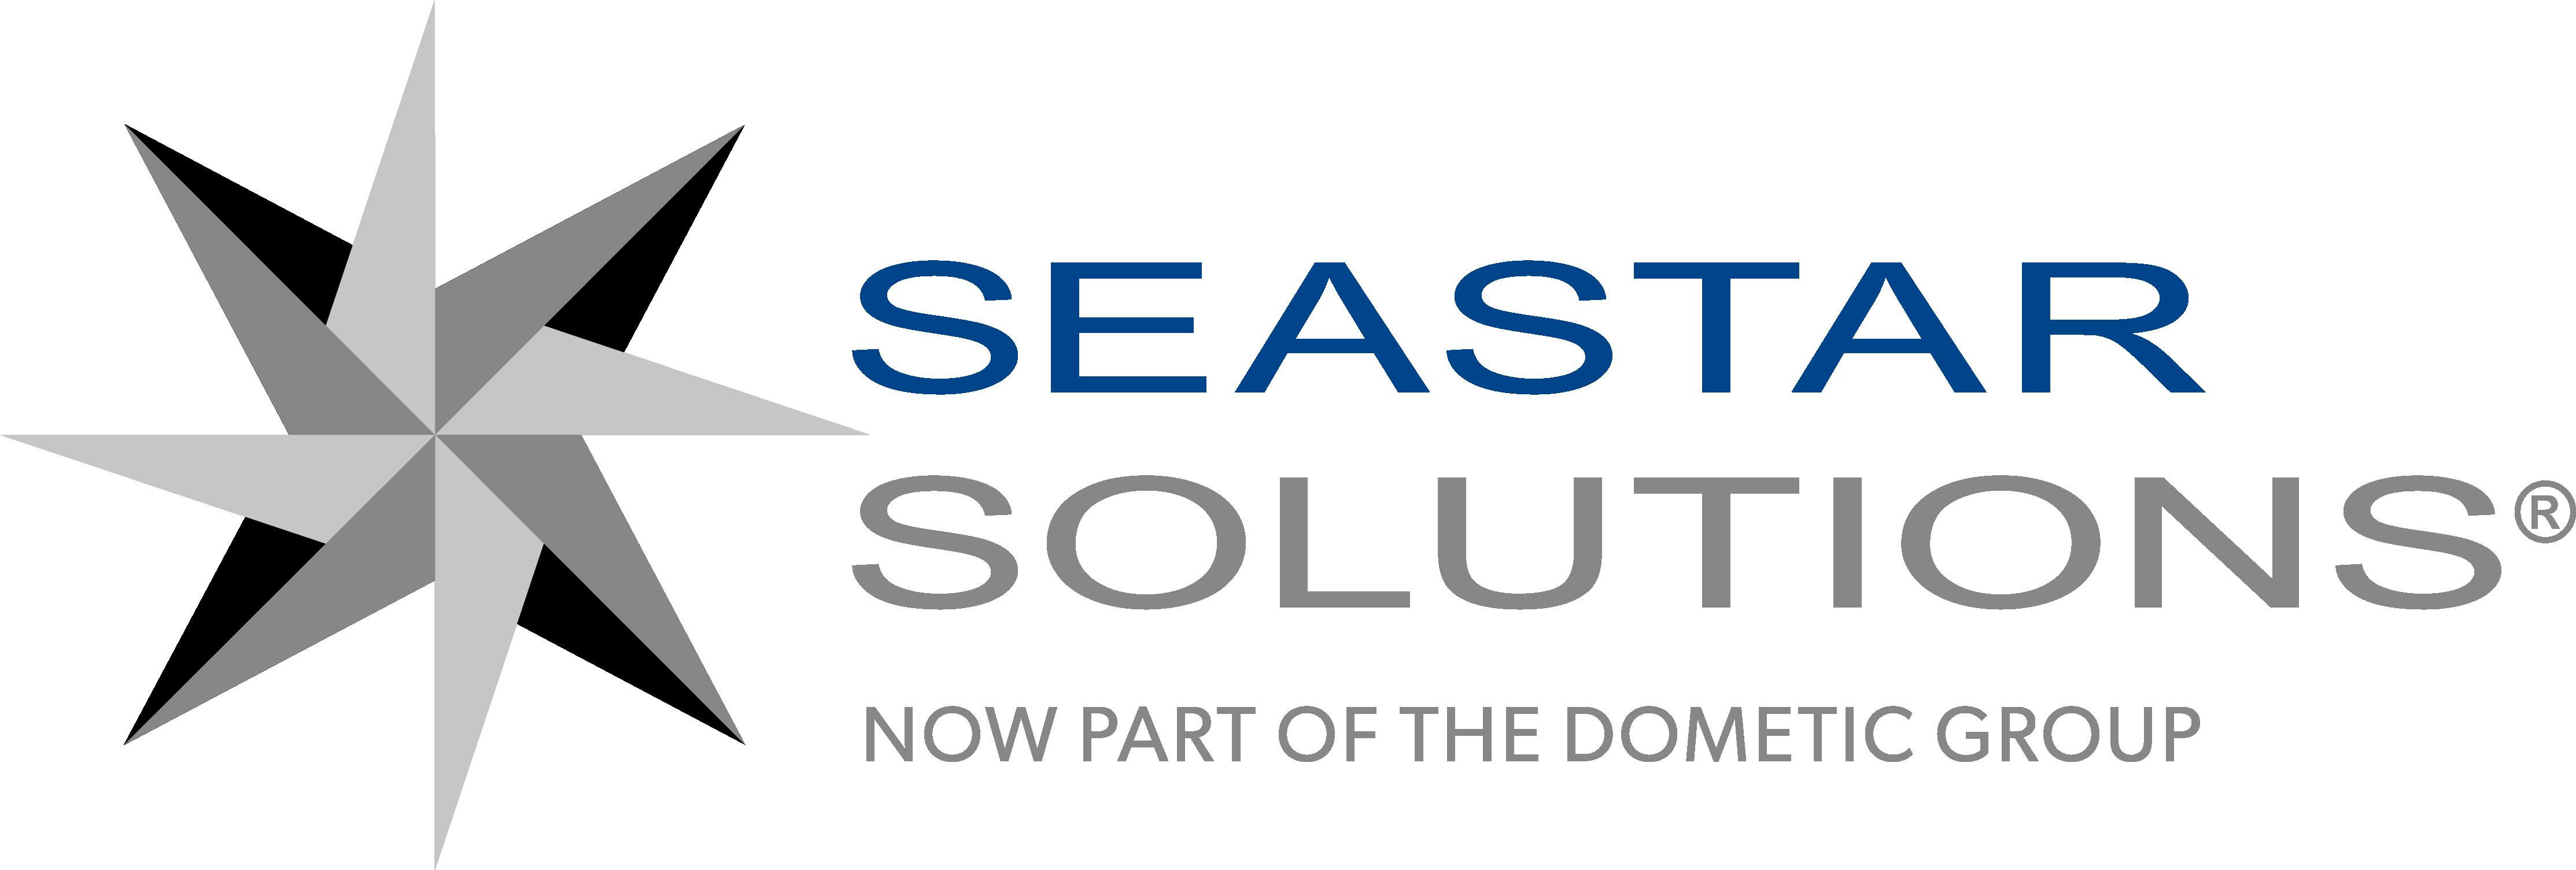 seastar-solutions-logo-dometic-endorsement-rgb.png